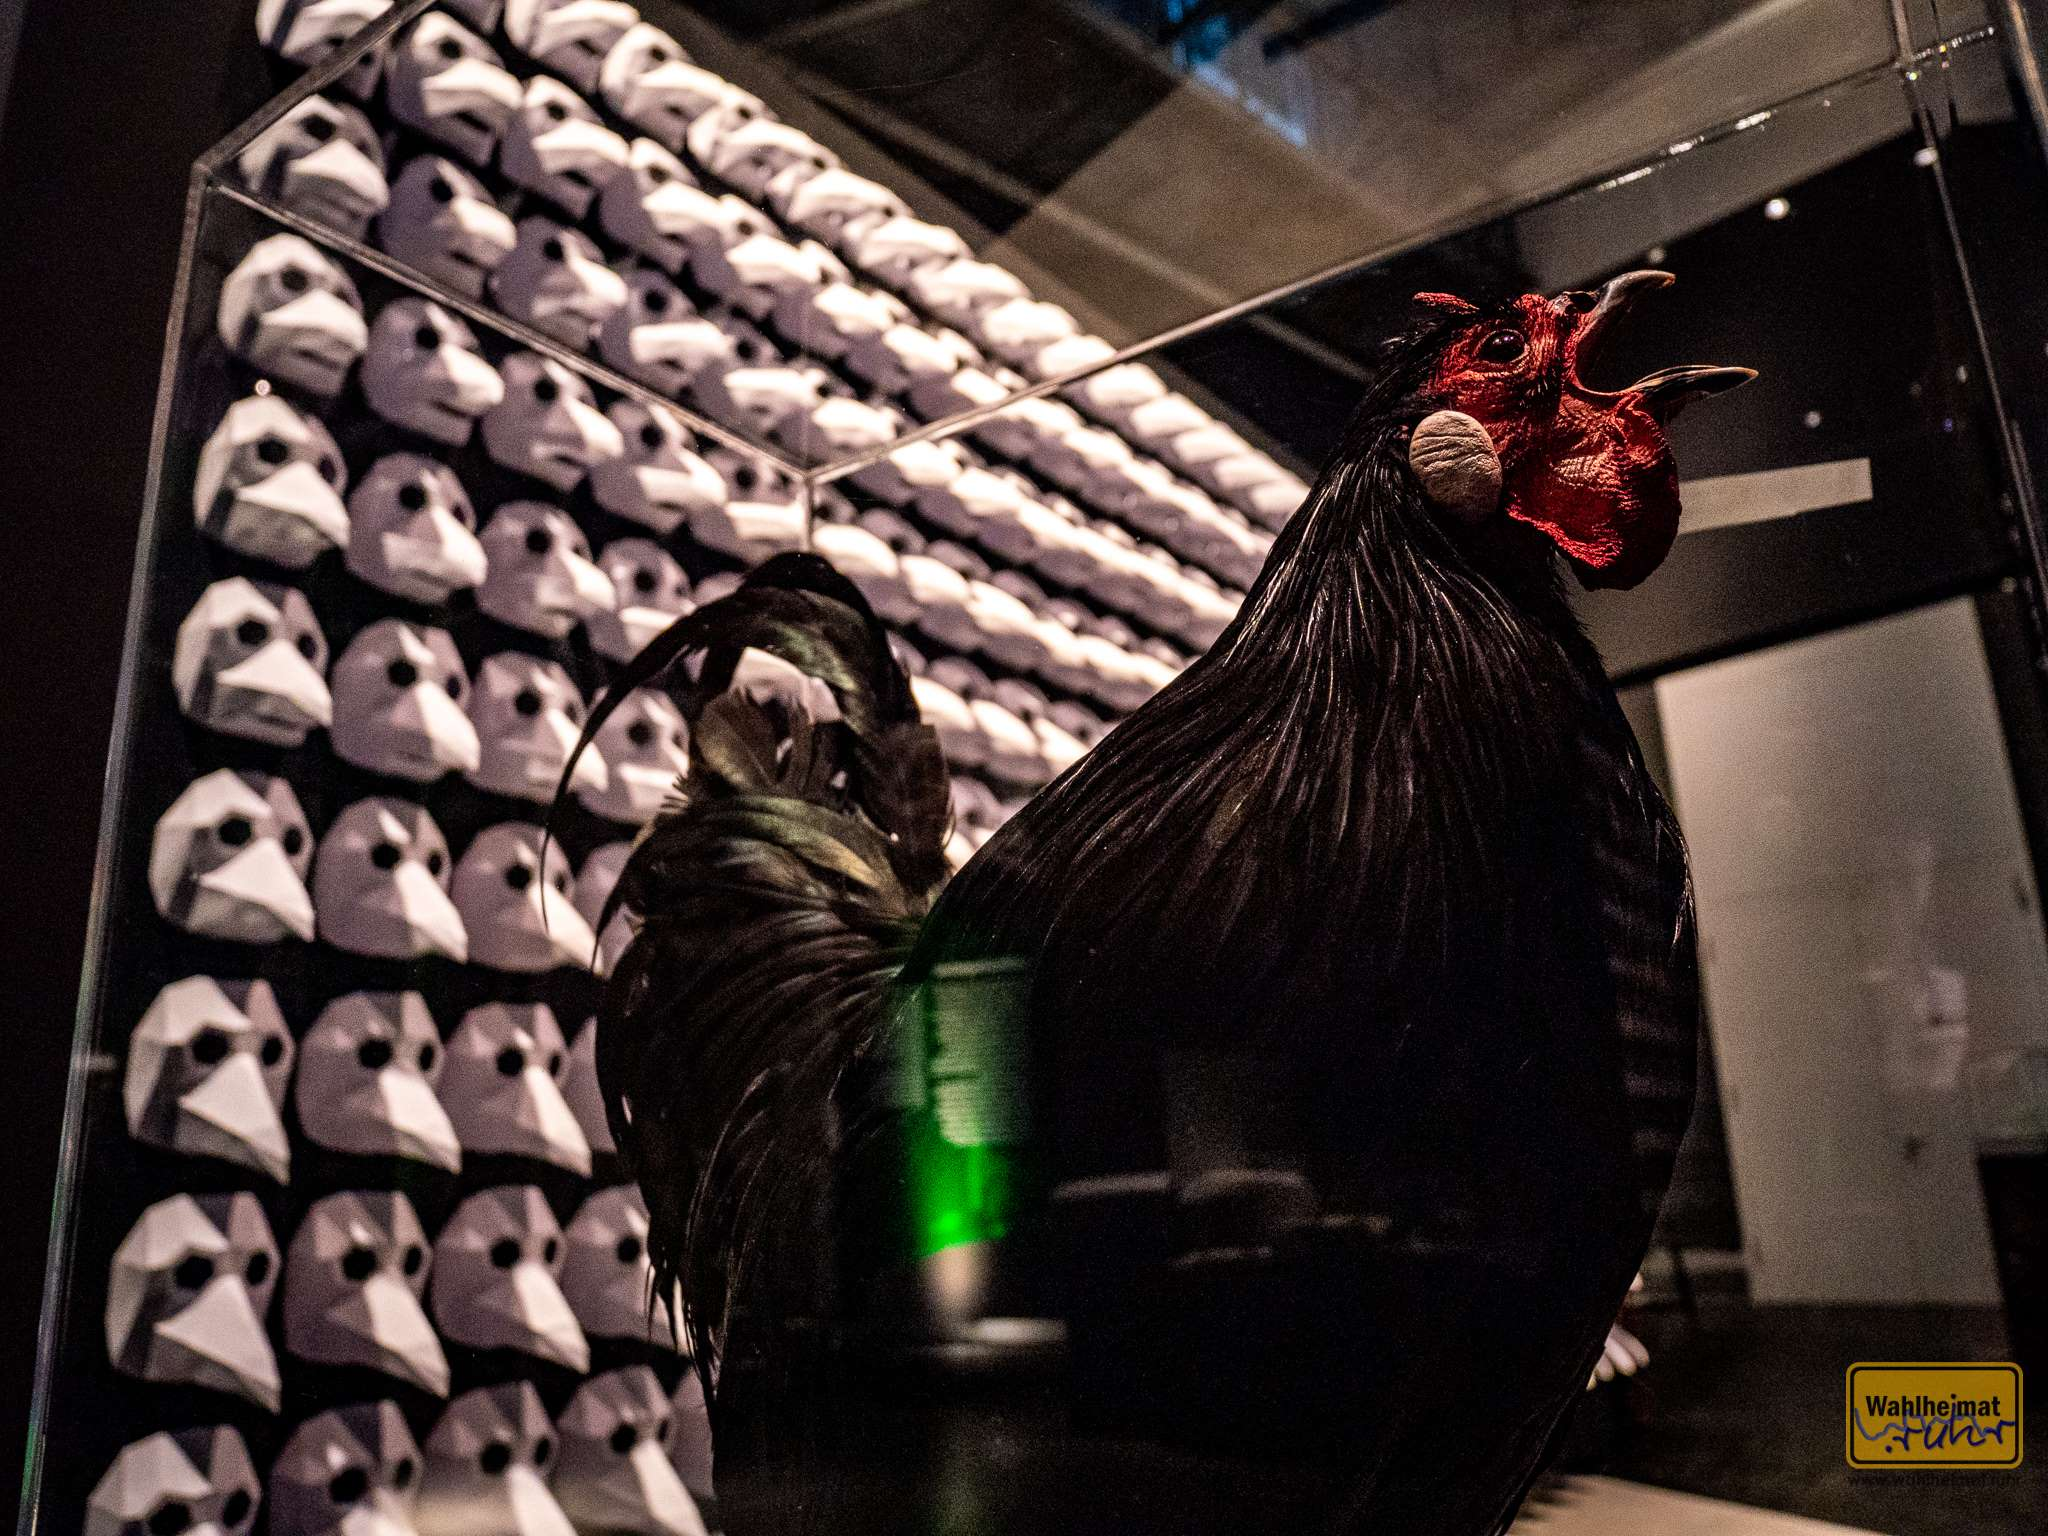 Oh, noch ein schlechtes Omen - der schwarze Hahn!